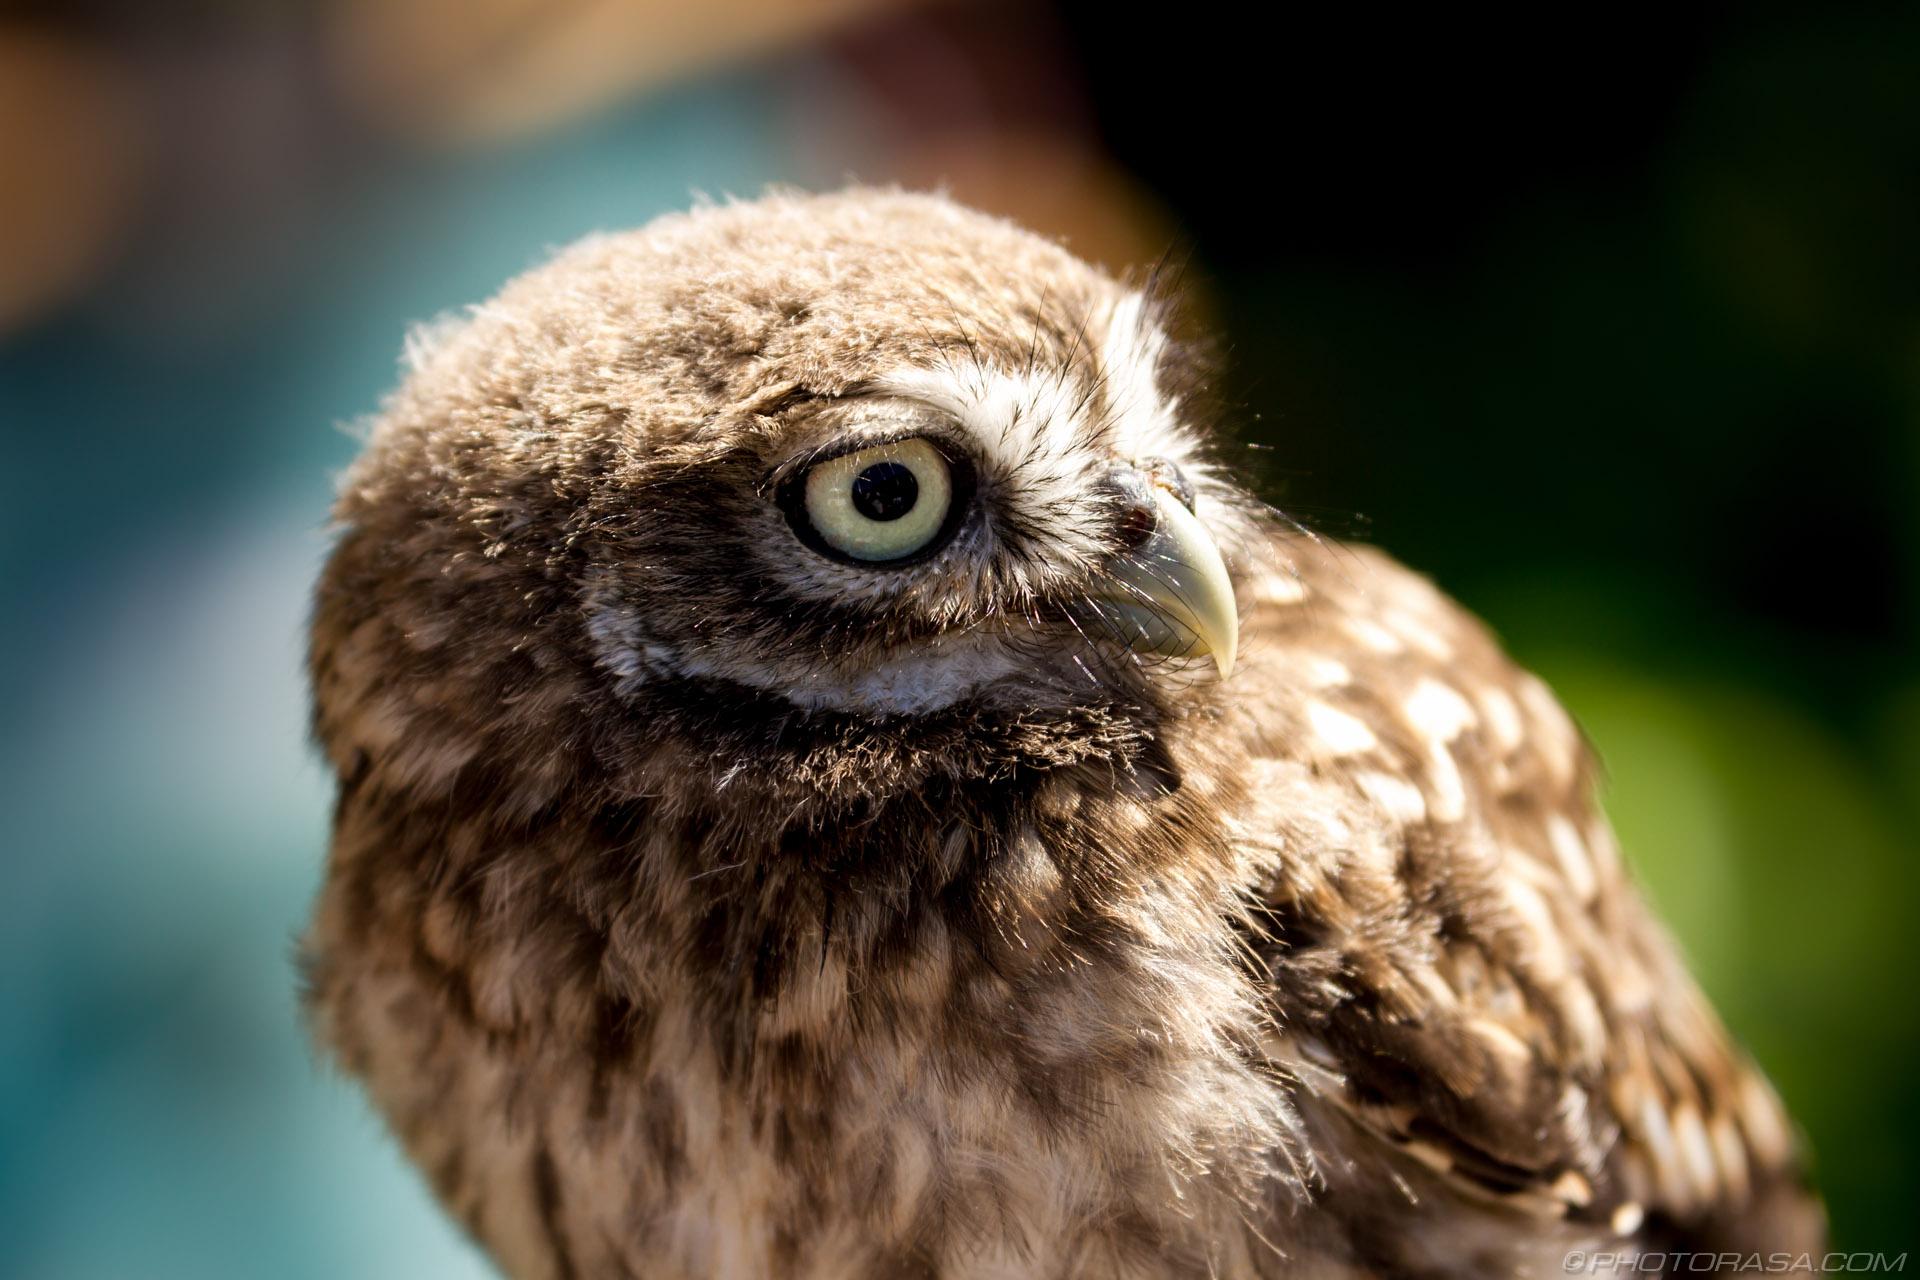 https://photorasa.com/owls/little-owl-1/